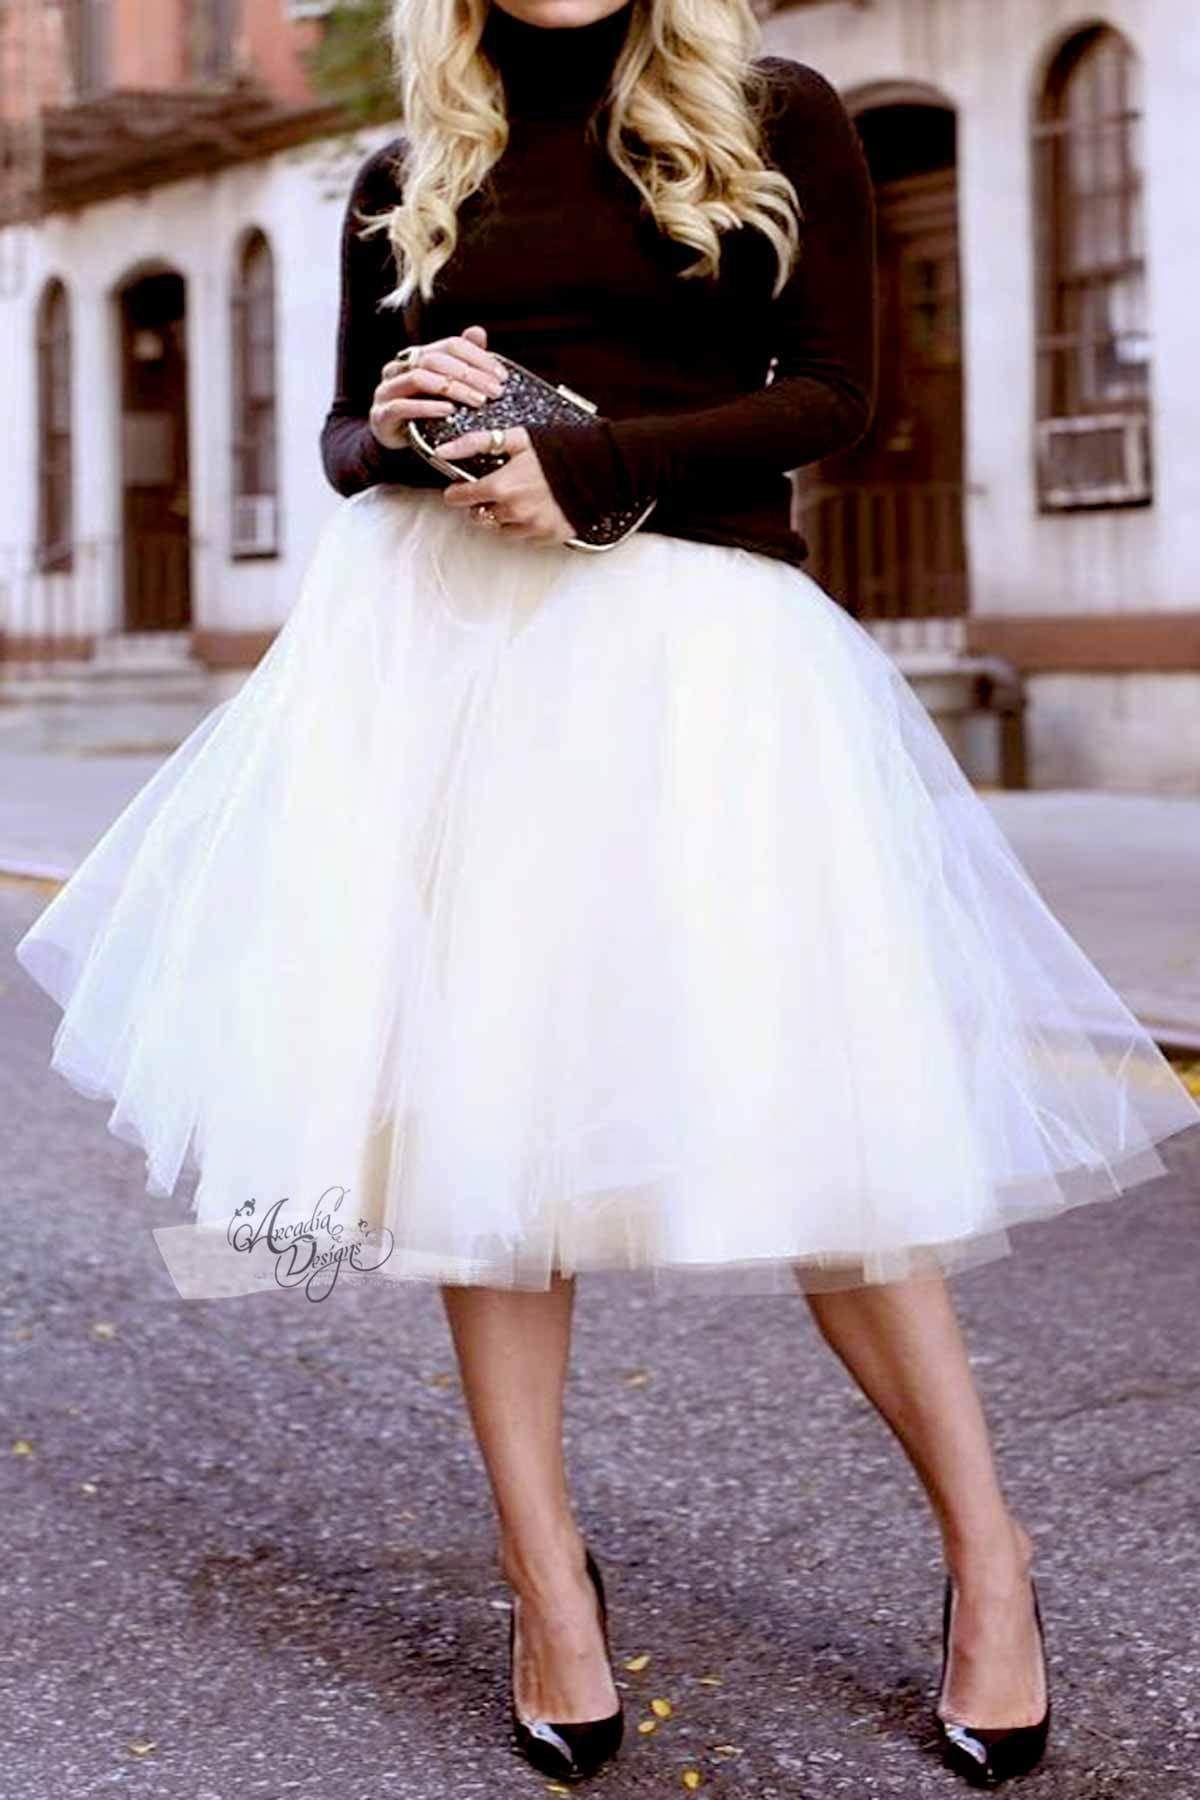 Peach Tutu Skirt Rose Gold Waist Bow Fashion White Tulle Skirt Tulle Midi Skirt [ 1800 x 1200 Pixel ]